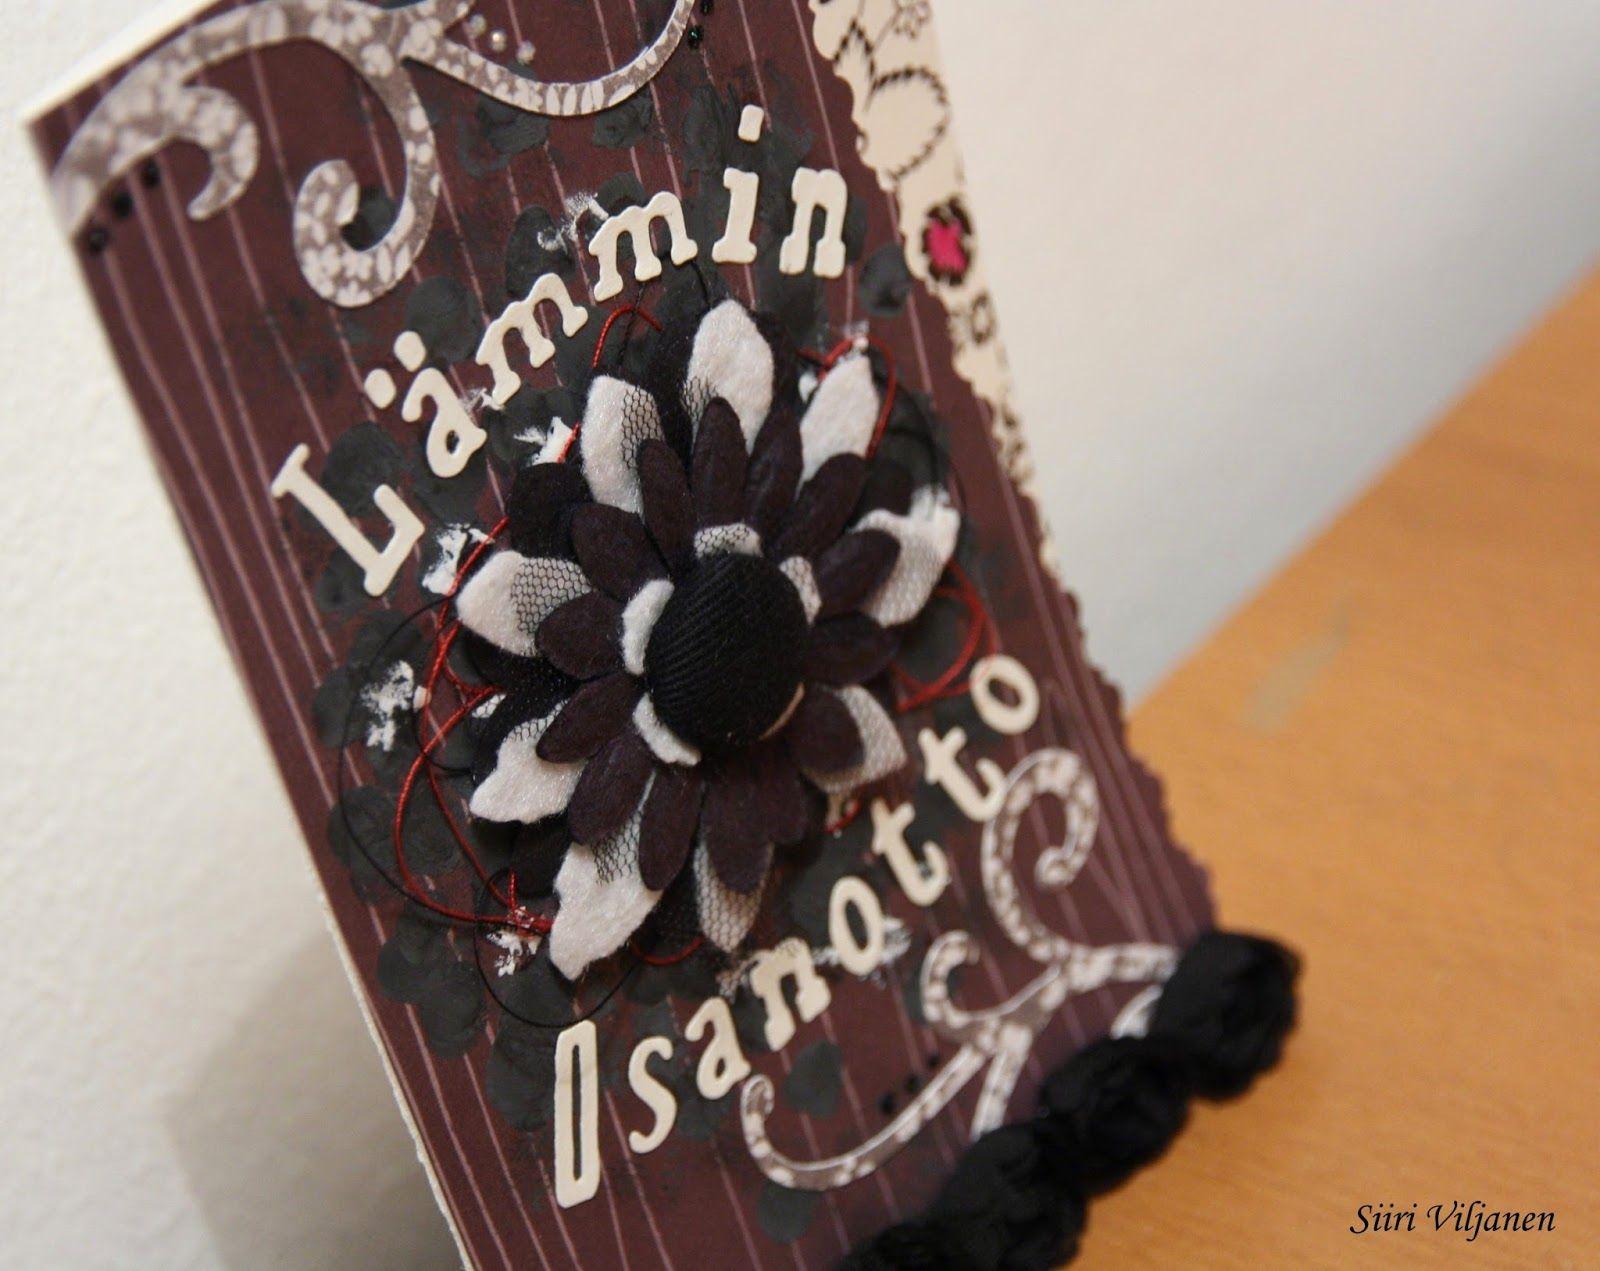 Handmade condolence card by Siiri Viljanen - Käsitöitä flamencohame hulmuten